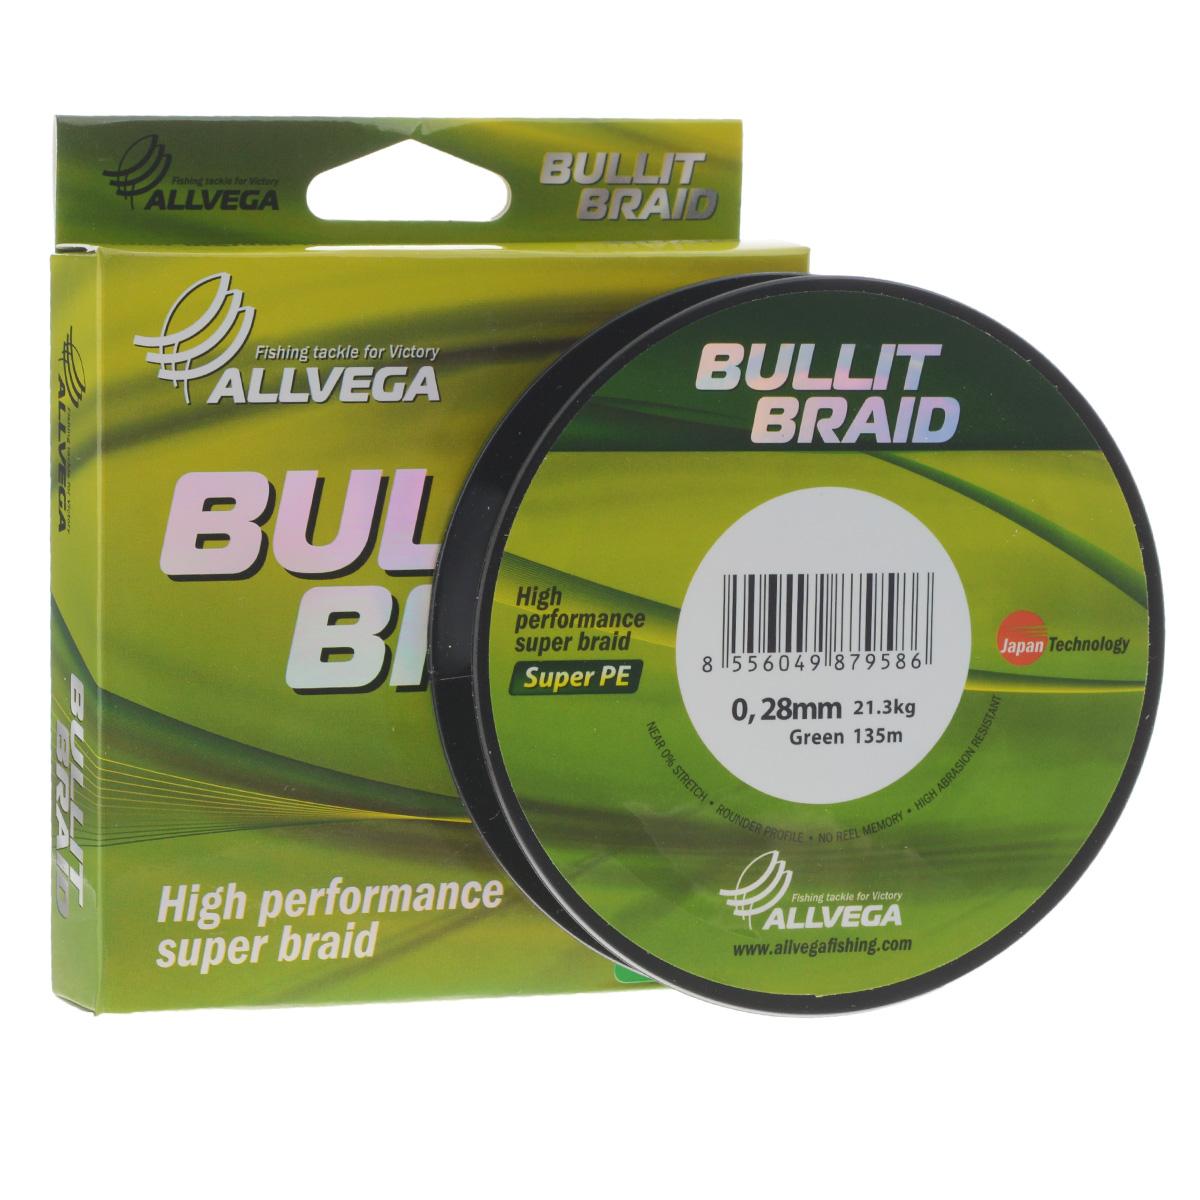 Леска плетеная Allvega Bullit Braid, цвет: темно-зеленый, 135 м, 0,28 мм, 21,3 кг21447Леска Allvega Bullit Braid с гладкой поверхностью и одинаковым сечением по всей длине обладает высокой износостойкостью. Благодаря микроволокнам полиэтилена (Super PE) леска имеет очень плотное плетение и не впитывает воду. Леску Allvega Bullit Braid можно применять в любых типах водоемов. Особенности: - повышенная износостойкость; - высокая чувствительность - коэффициент растяжения близок к нулю; - отсутствует память; - идеально гладкая поверхность позволяет увеличить дальность забросов; - высокая прочность шнура на узлах.